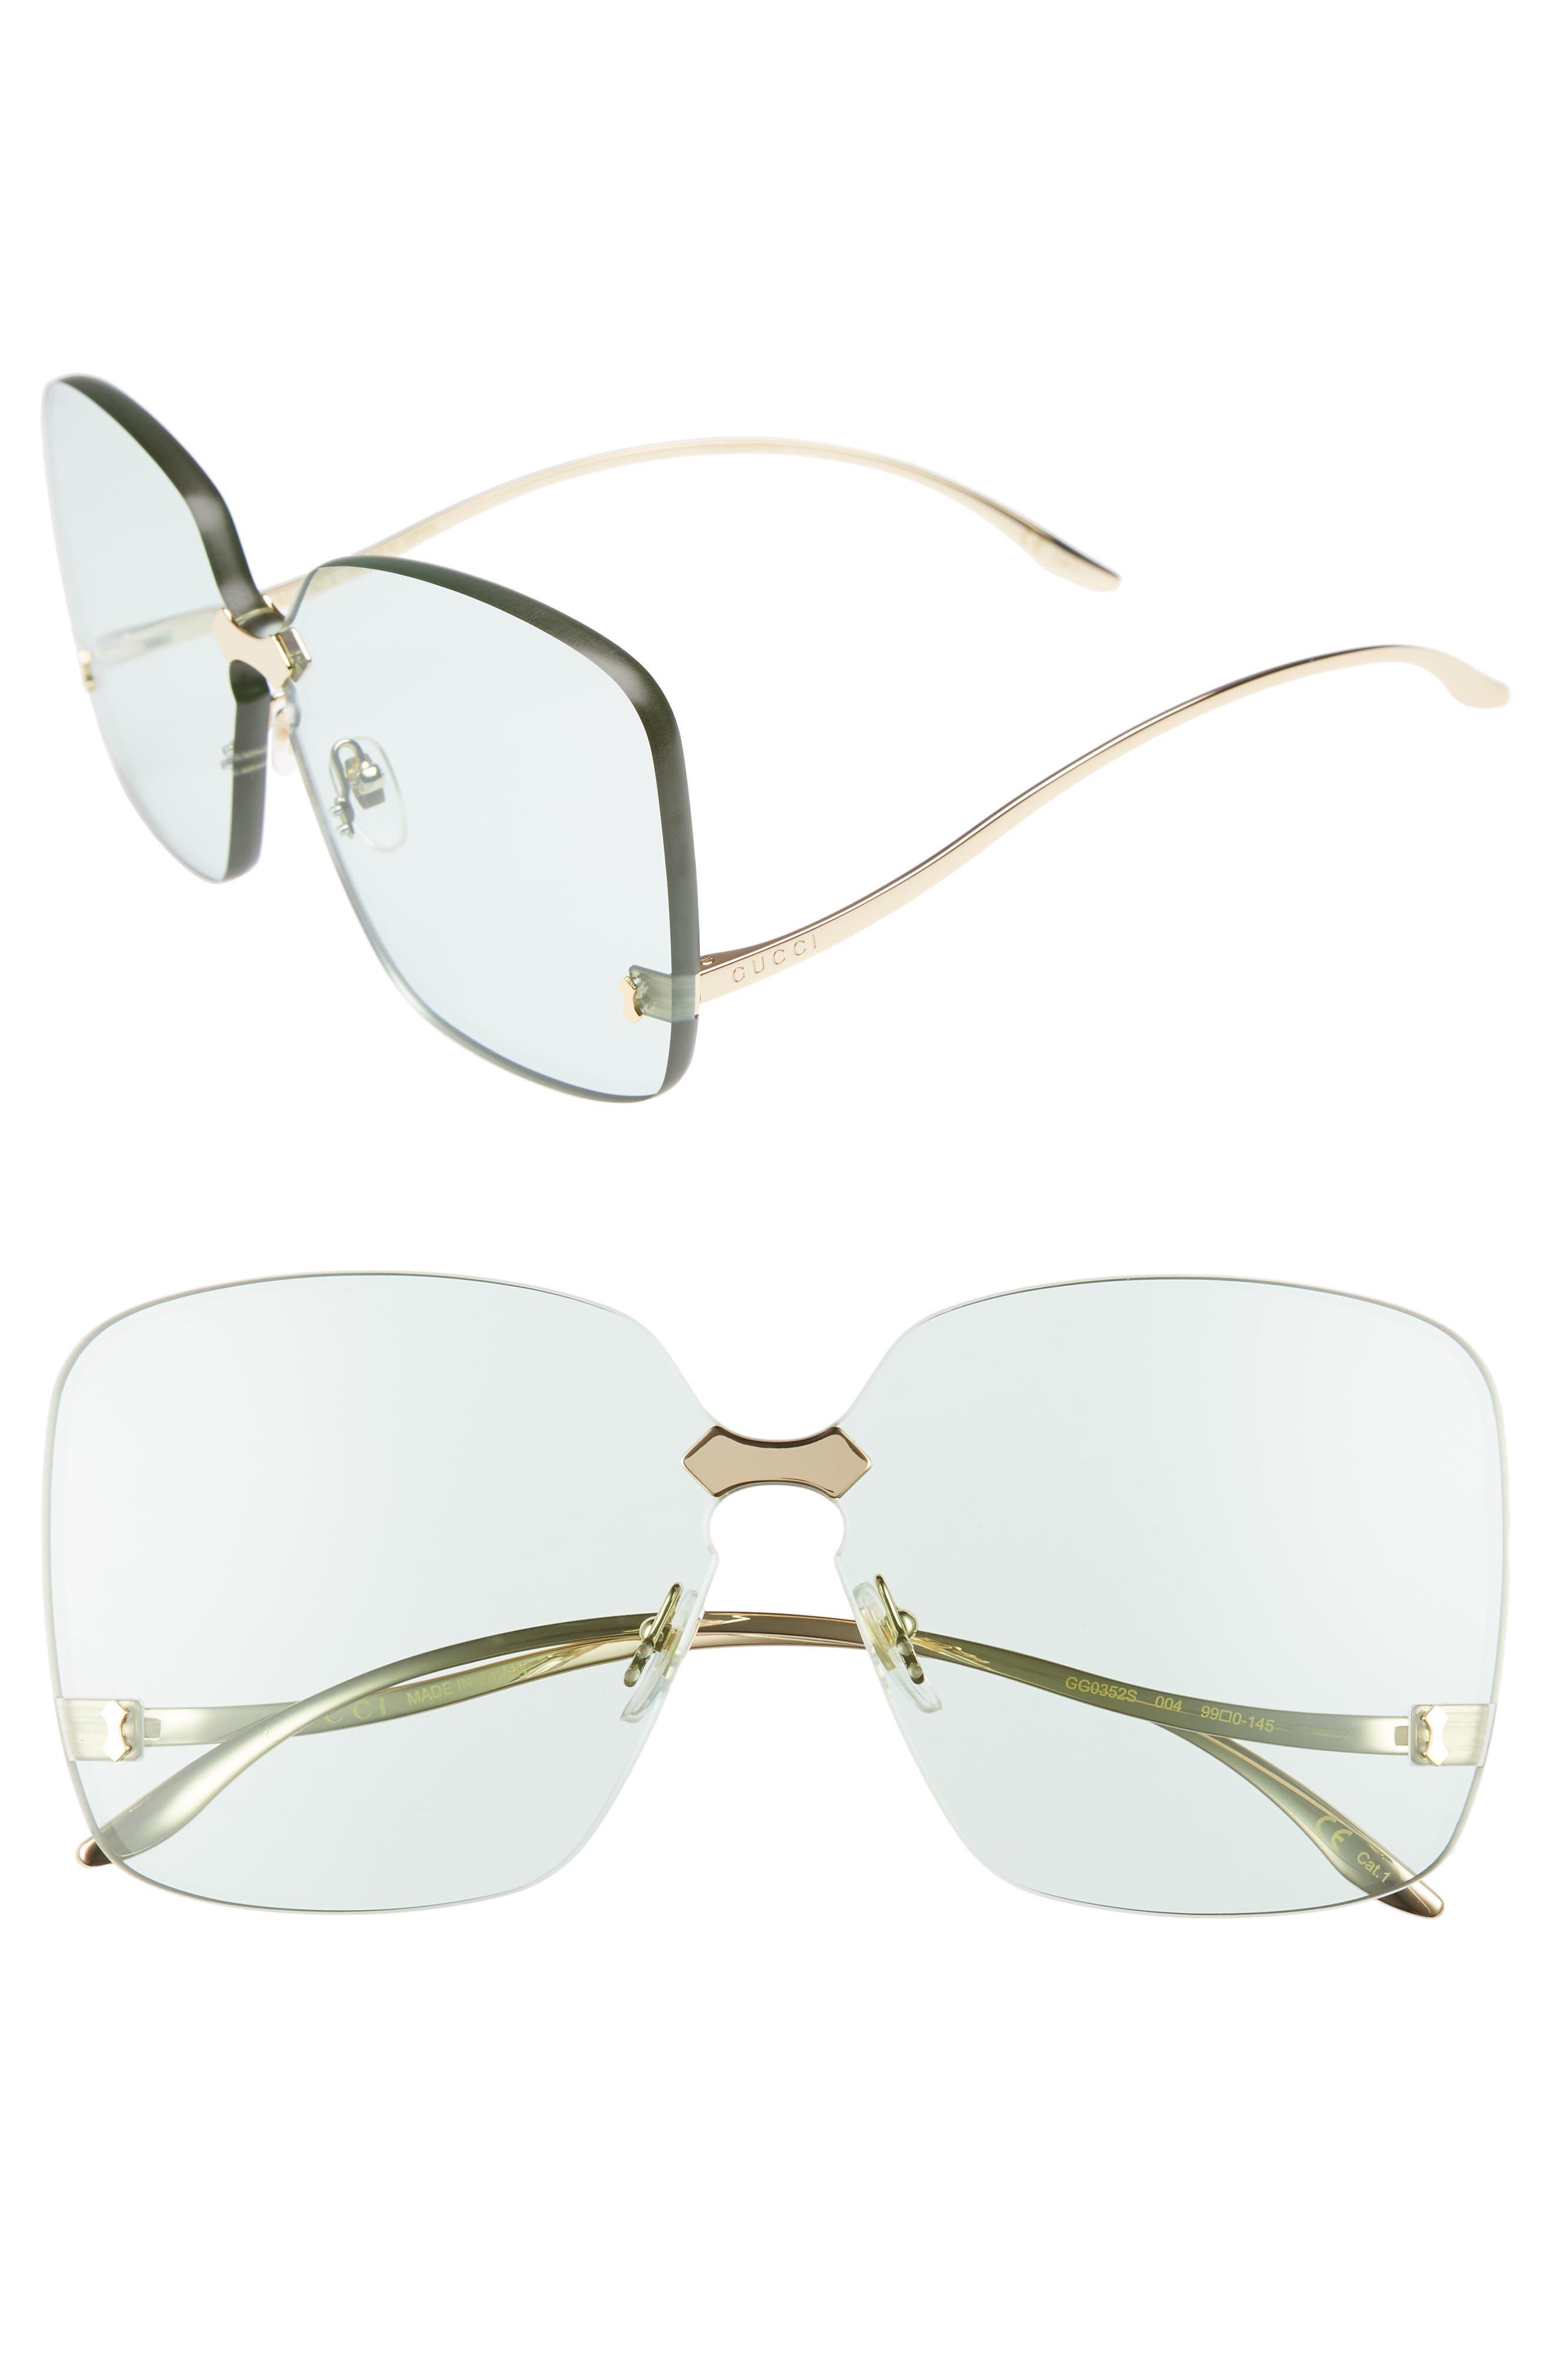 281338c7fcb Gucci Women s Round Sunglasses